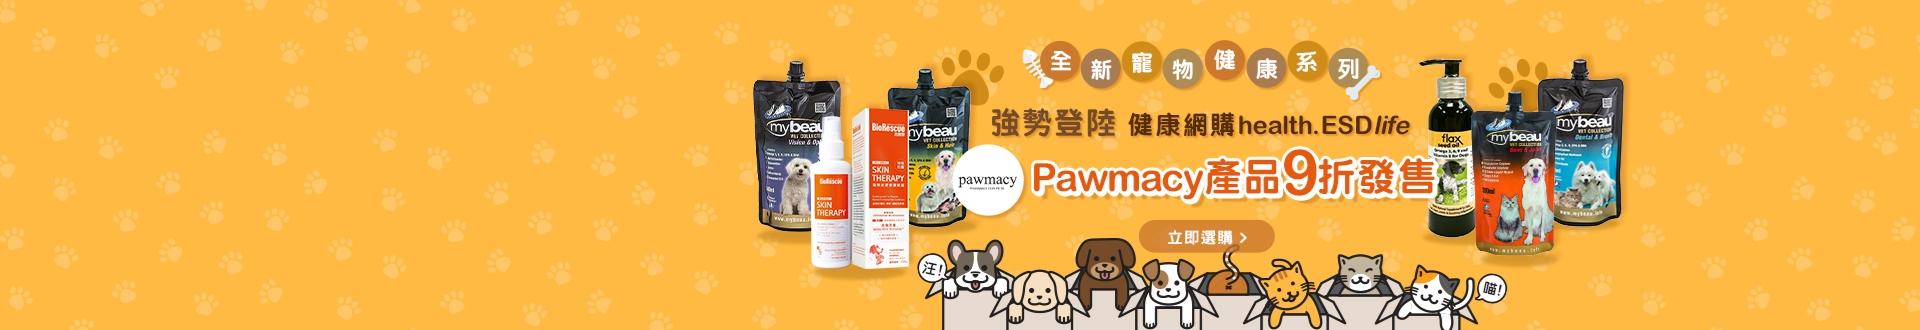 23oct_plus_pawmacy_promotion